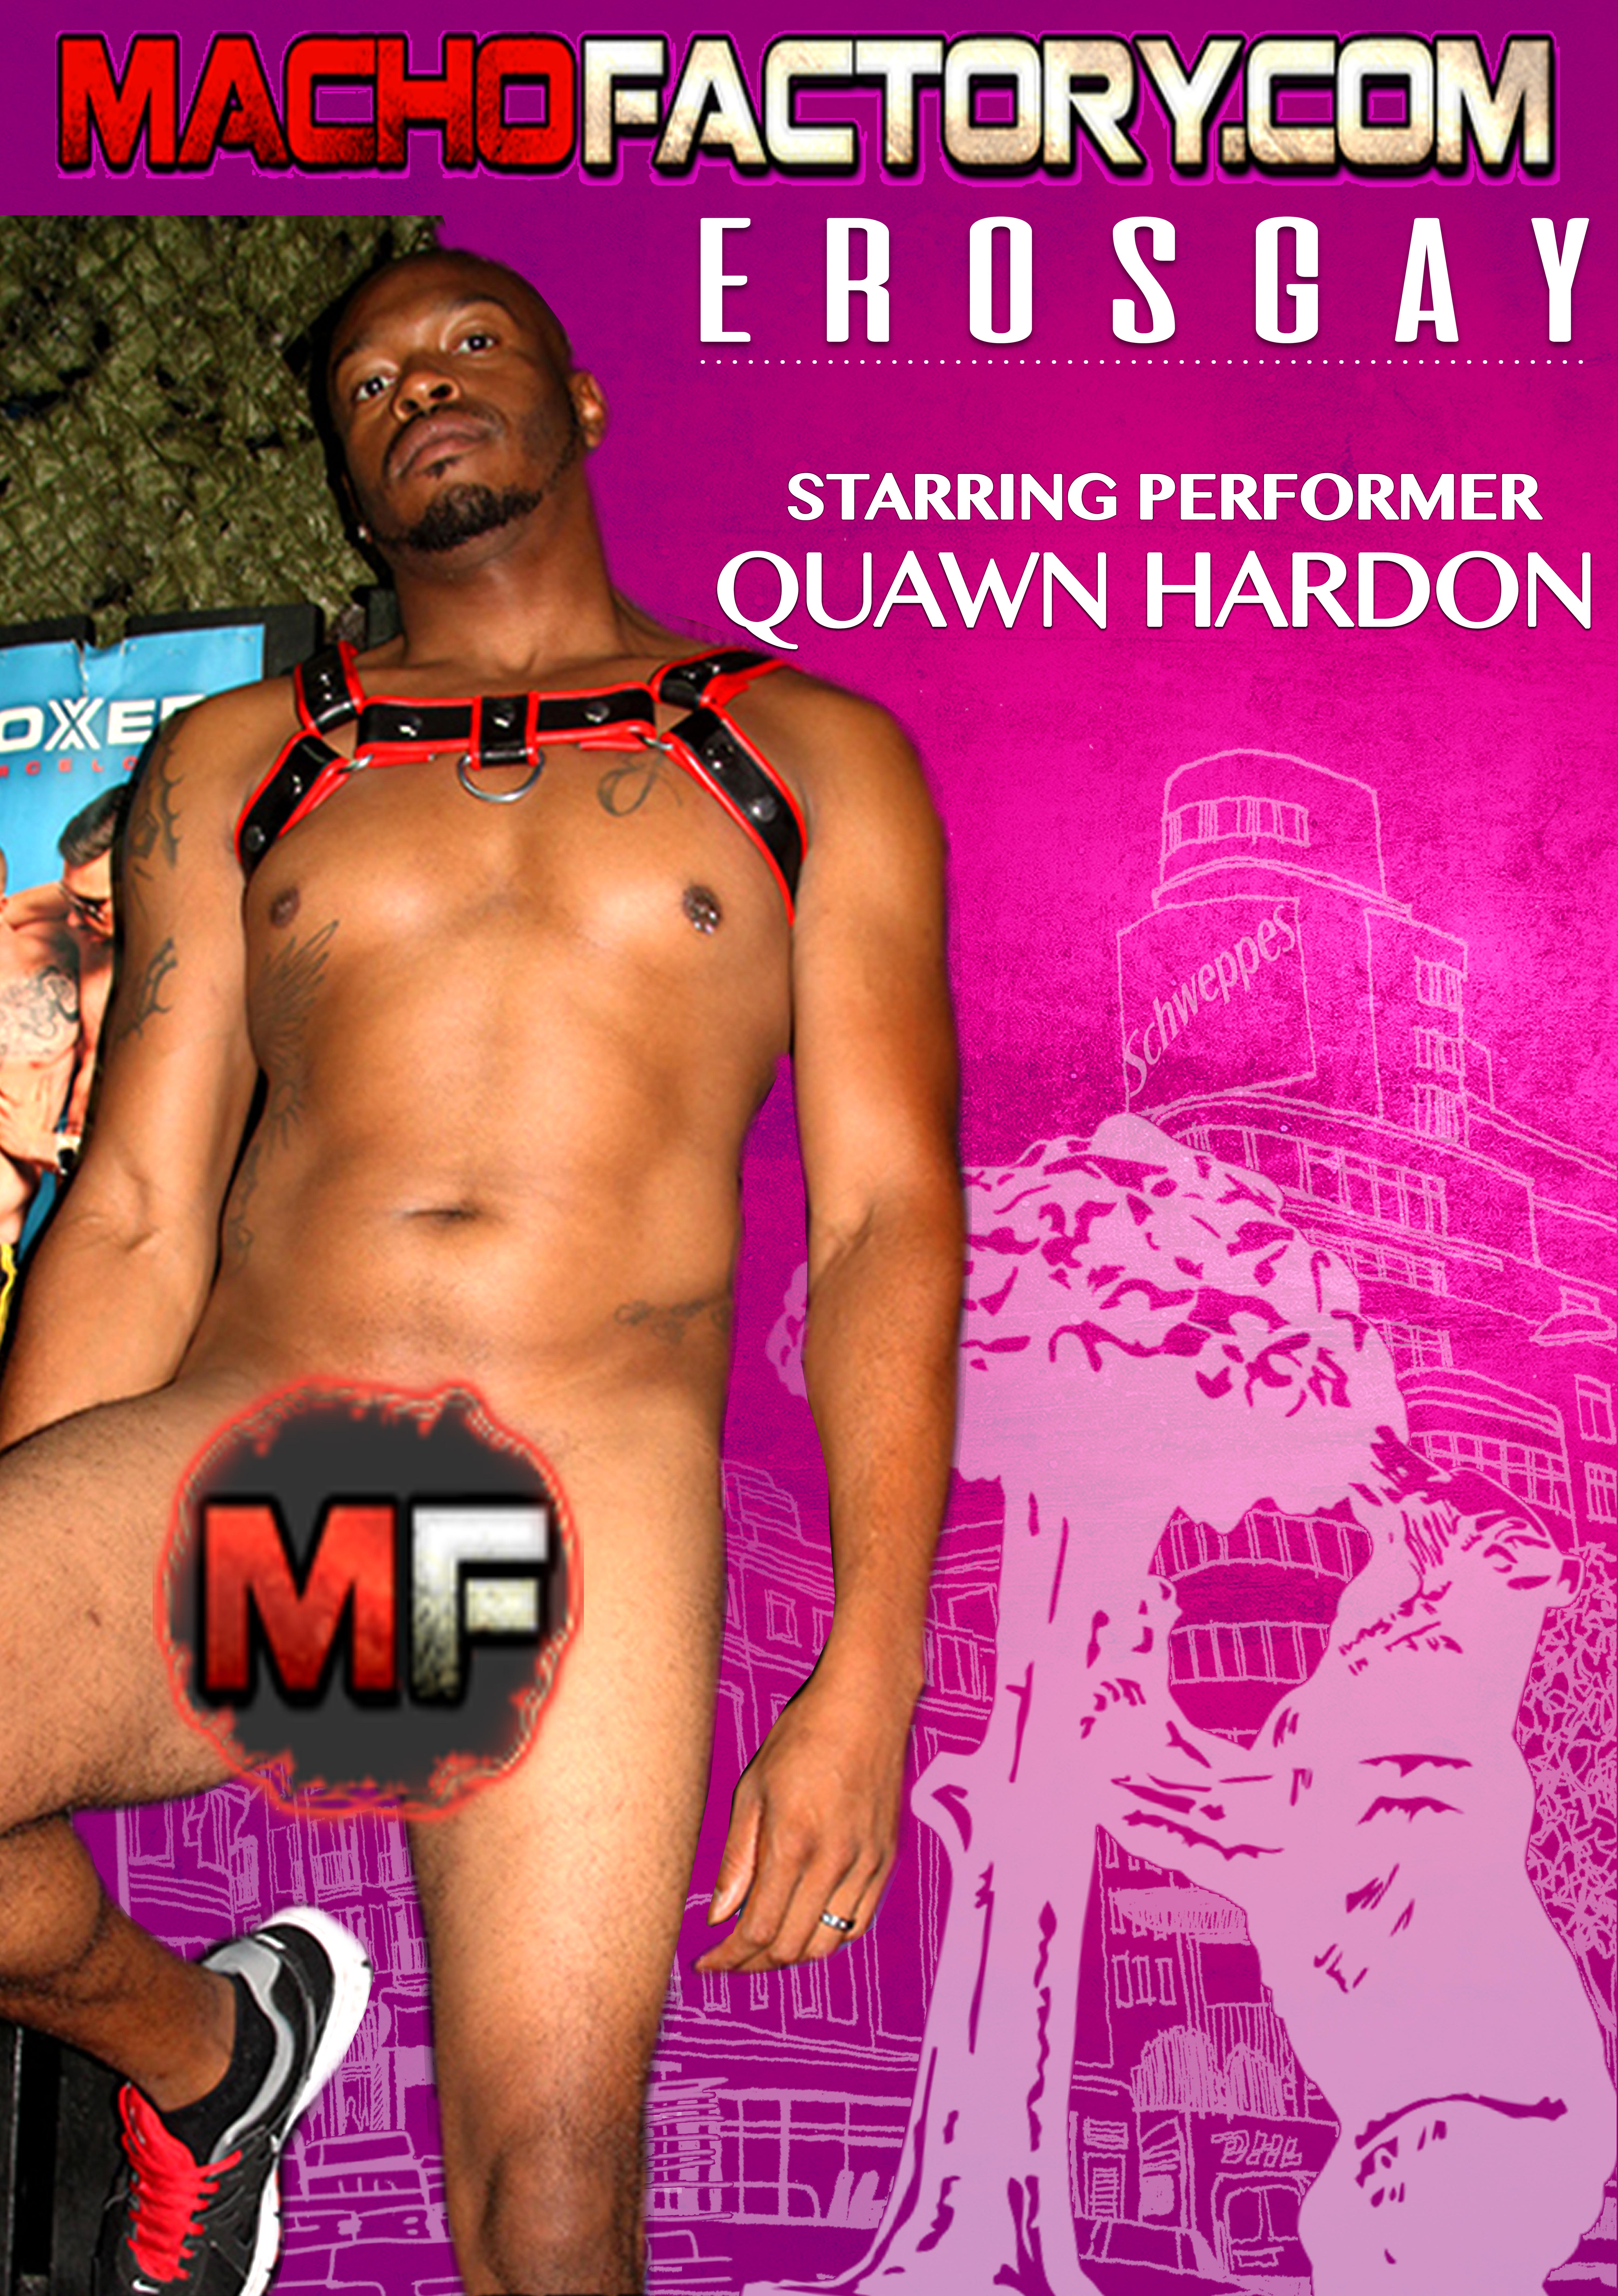 QUAWN HARDON